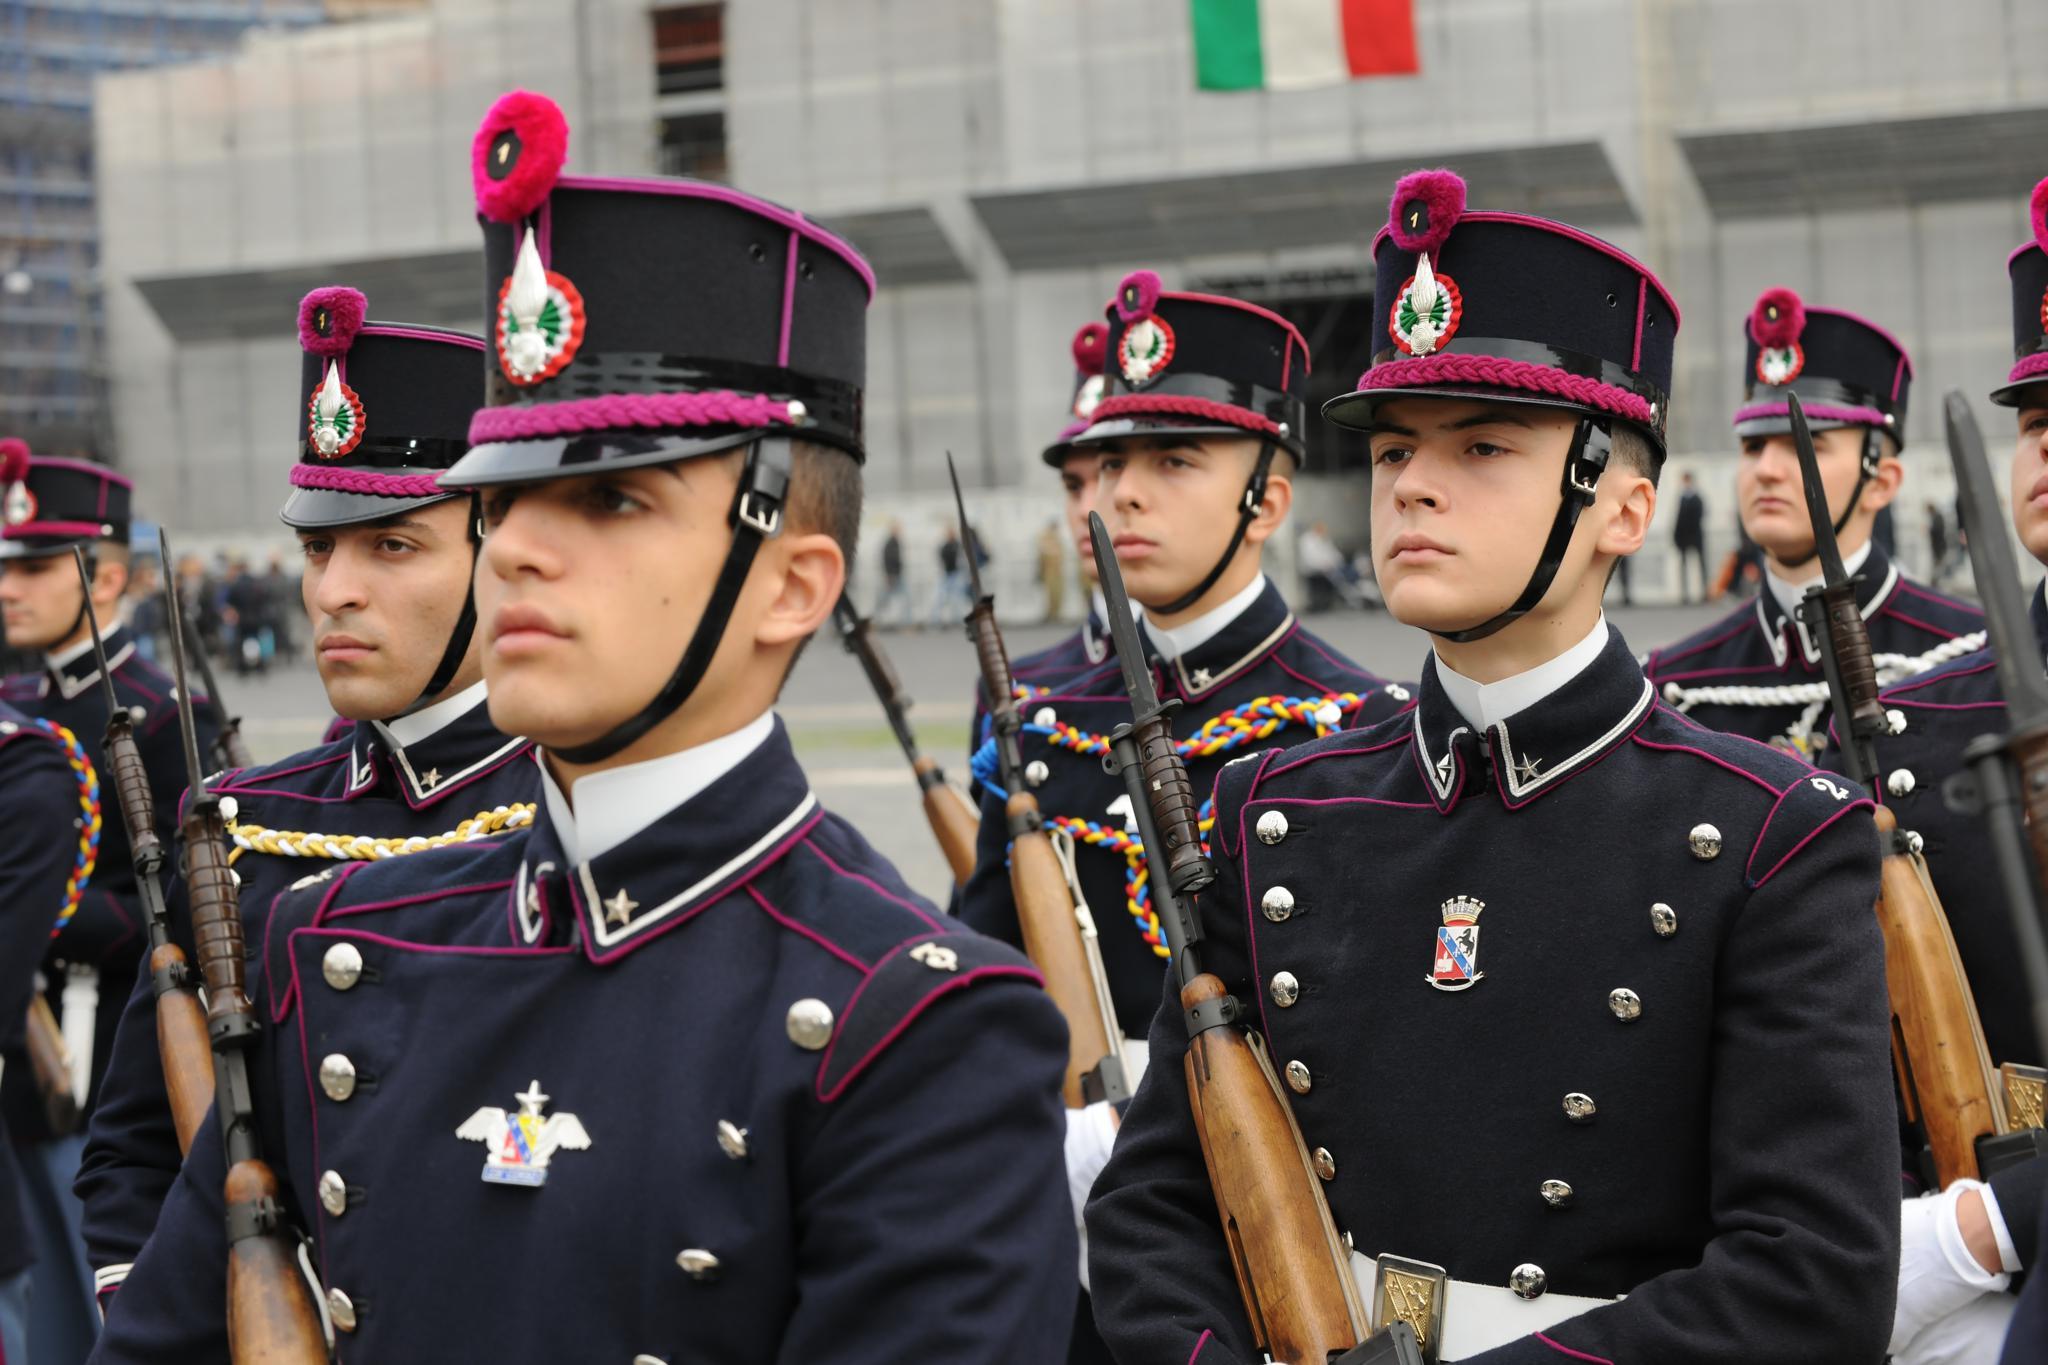 Scuola Militare Nunziatella - Esercito Italiano